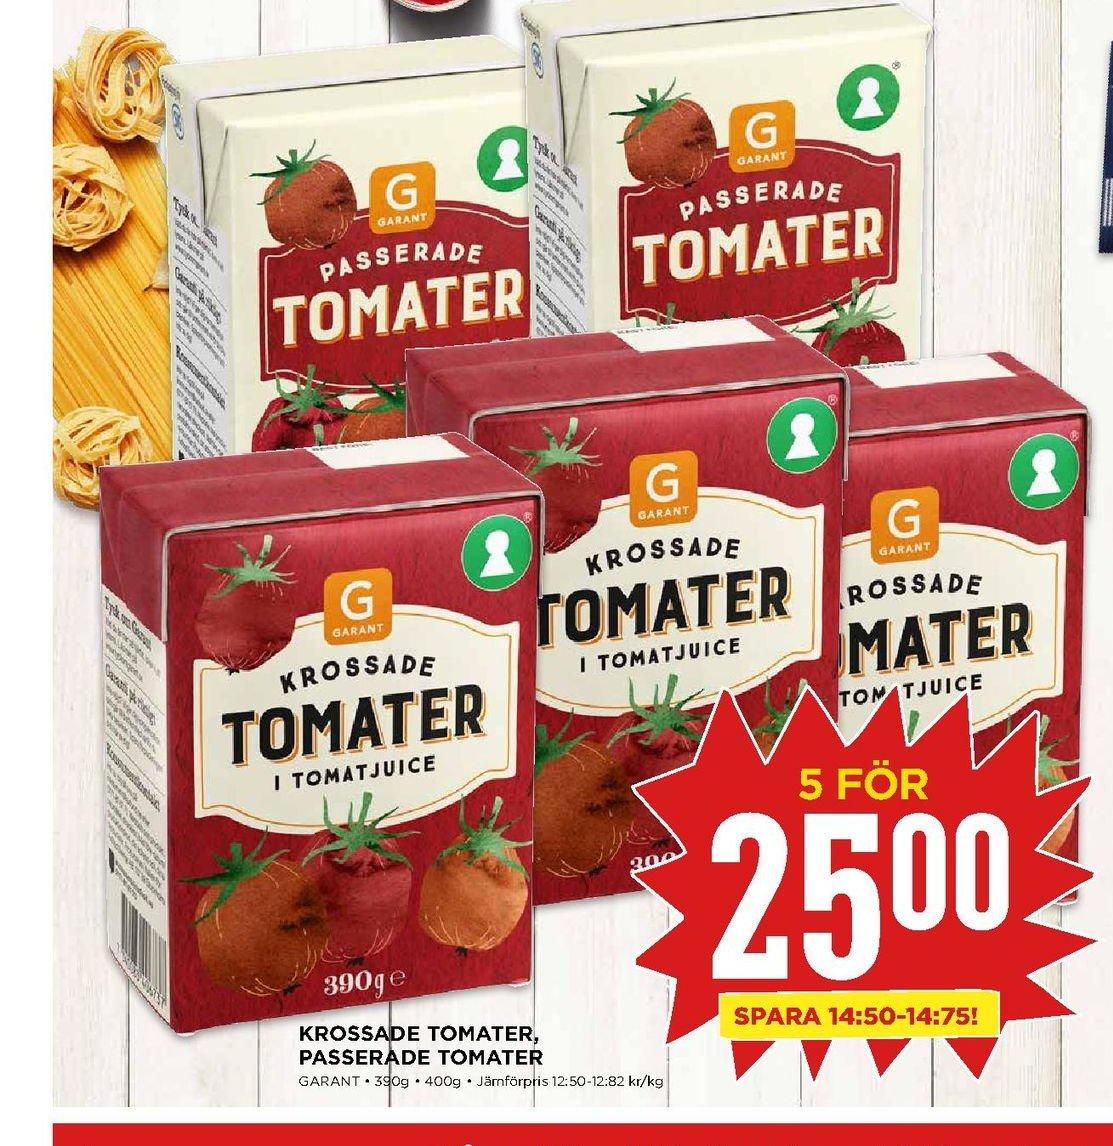 Erbjudanden och prisjämförelser på garant krossade/passerade, tomater 0,390 kg. 5 (pk) 25,00 12.82/kg.